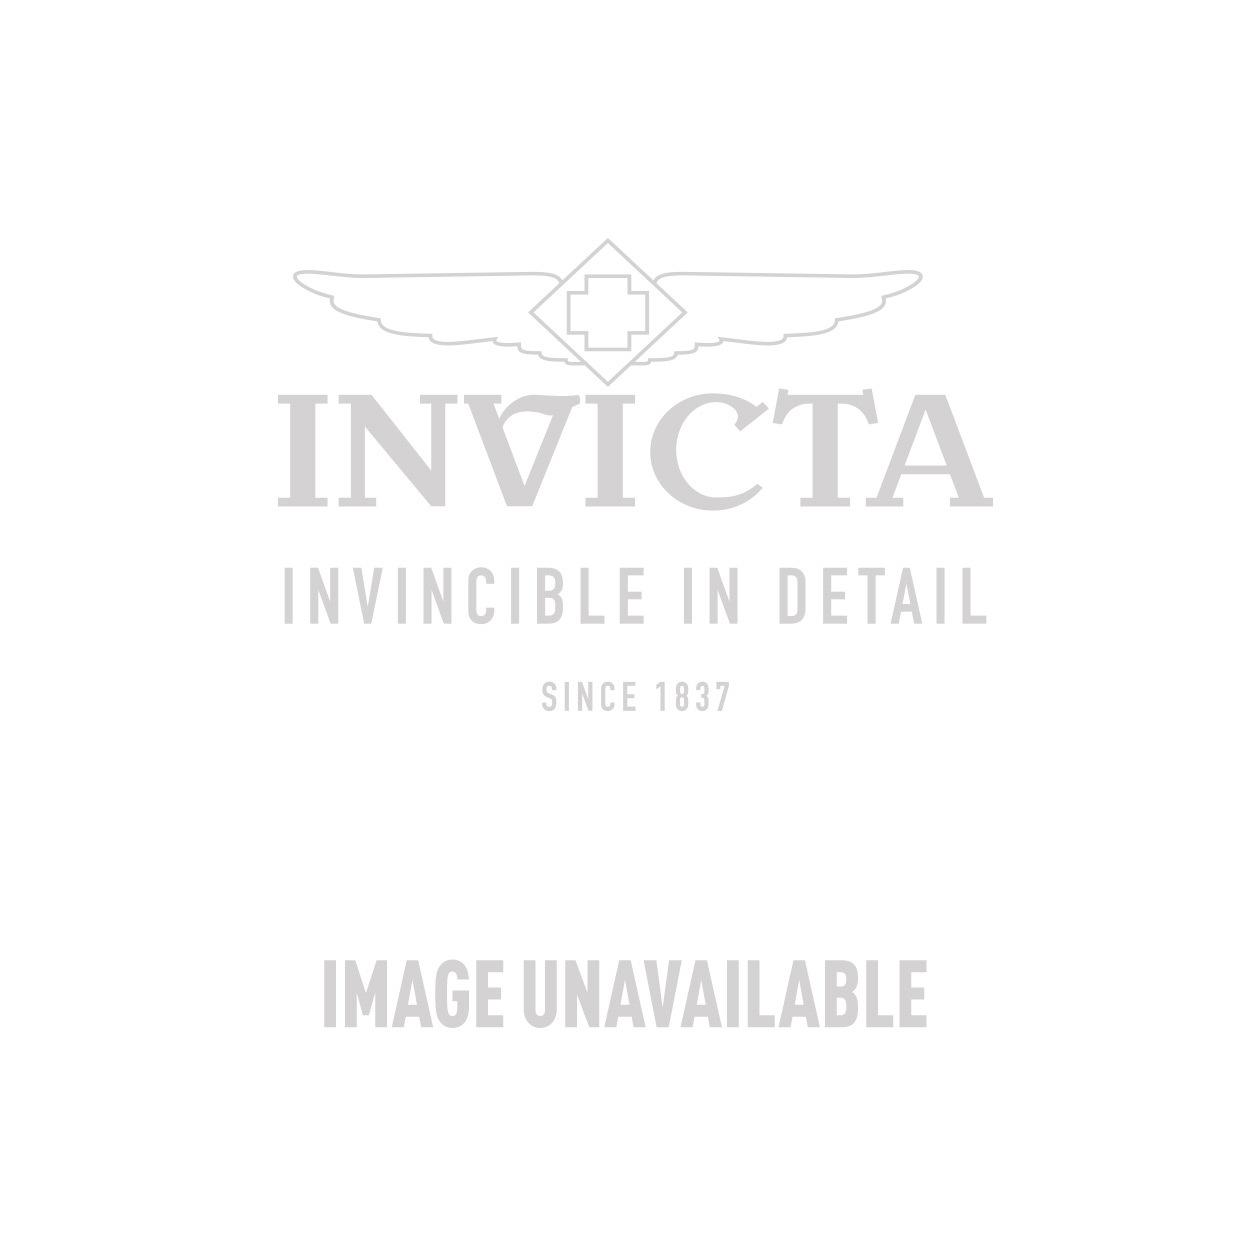 Invicta Subaqua Mens Quartz 52mm Stainless Steel Case, White, Gold Dial - Model 32120